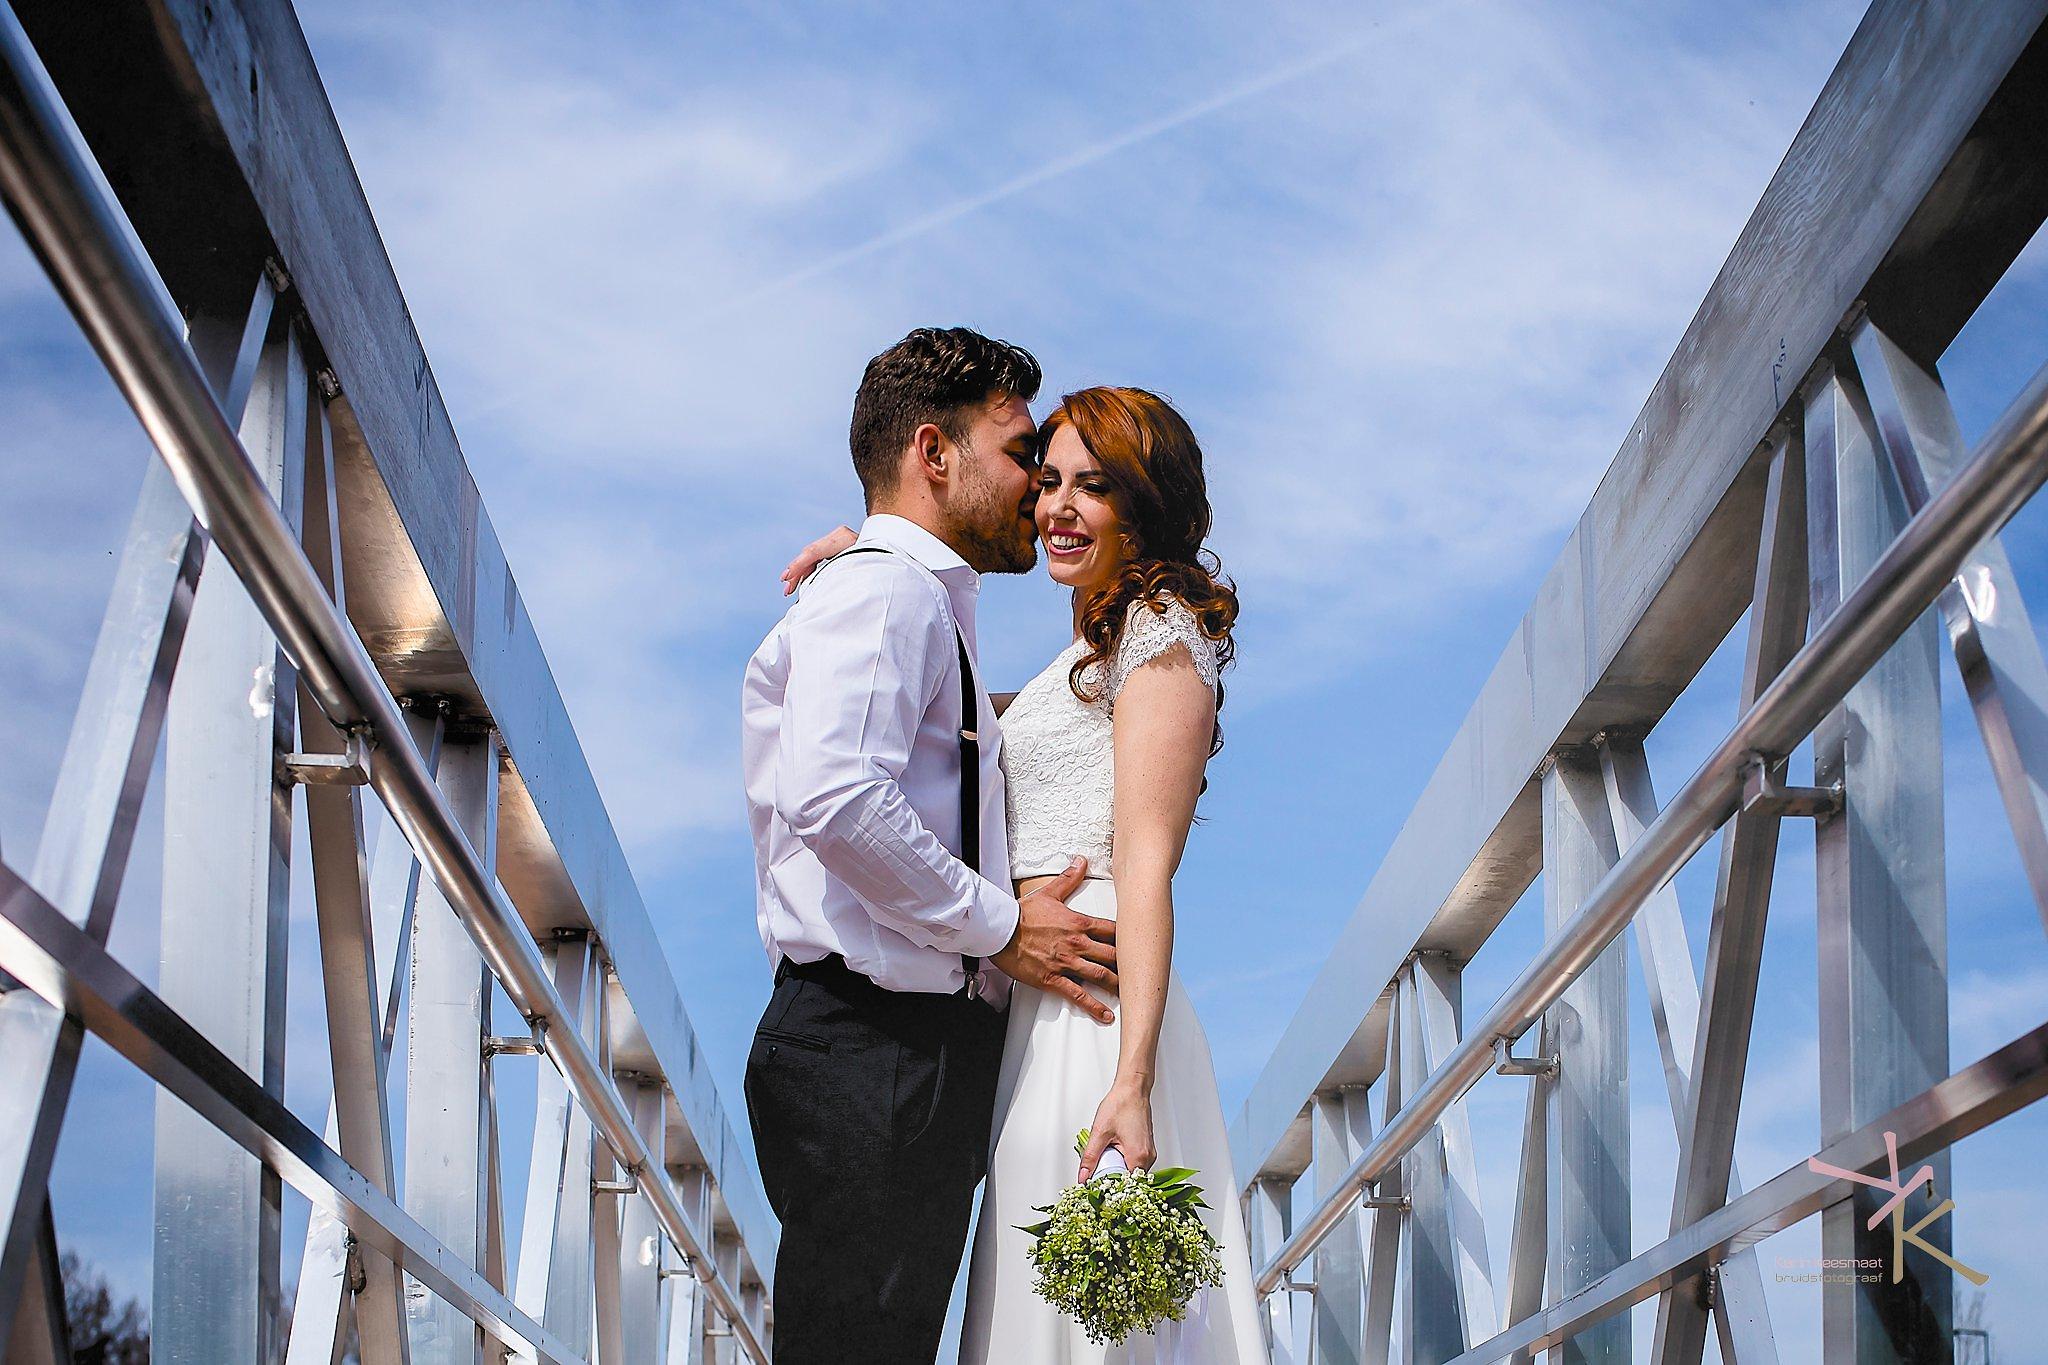 Bruidegom fluistert iets in het oor van de bruid: foto gemaakt door Karian Keesmaat van Kijk-Kunstfotografie